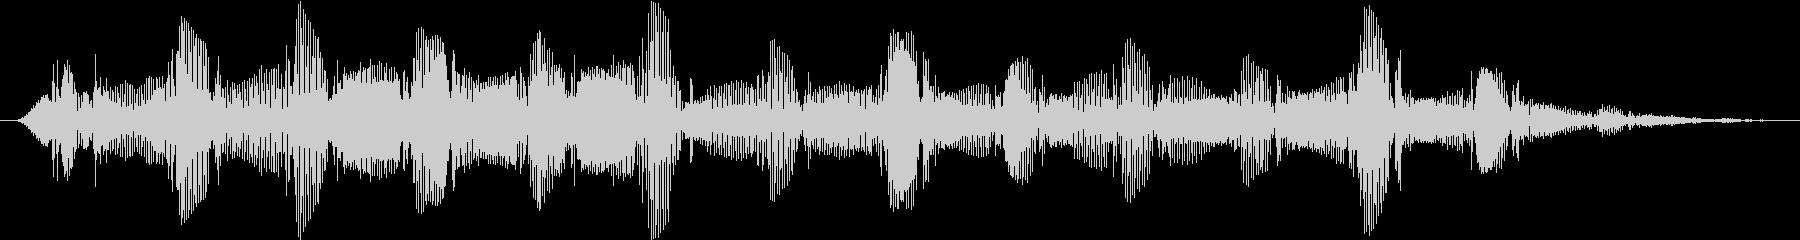 ドローン バスバブル03の未再生の波形